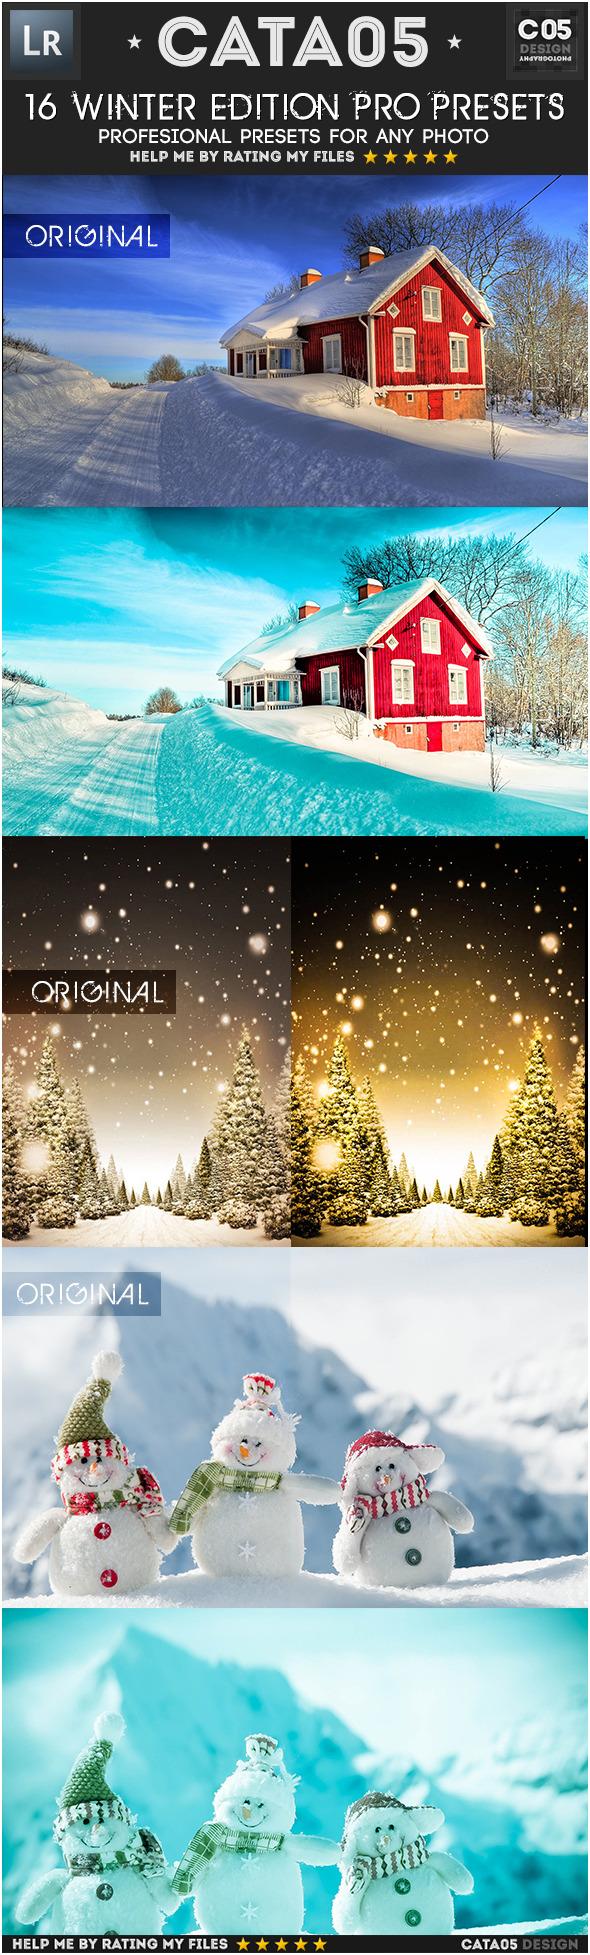 16 Winter Edition Pro Presets - Landscape Lightroom Presets